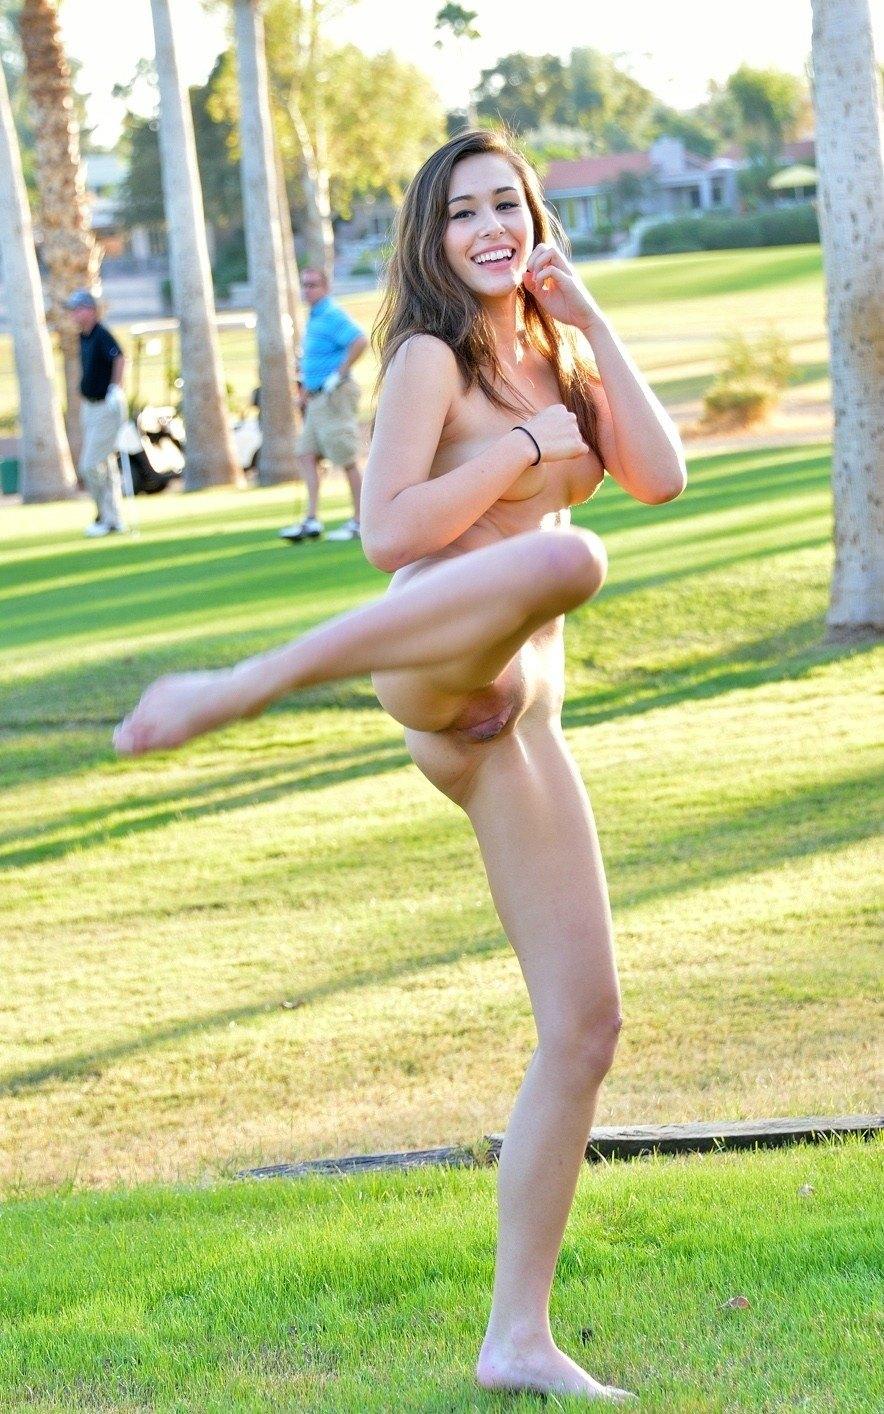 girlfriend nude tumblr